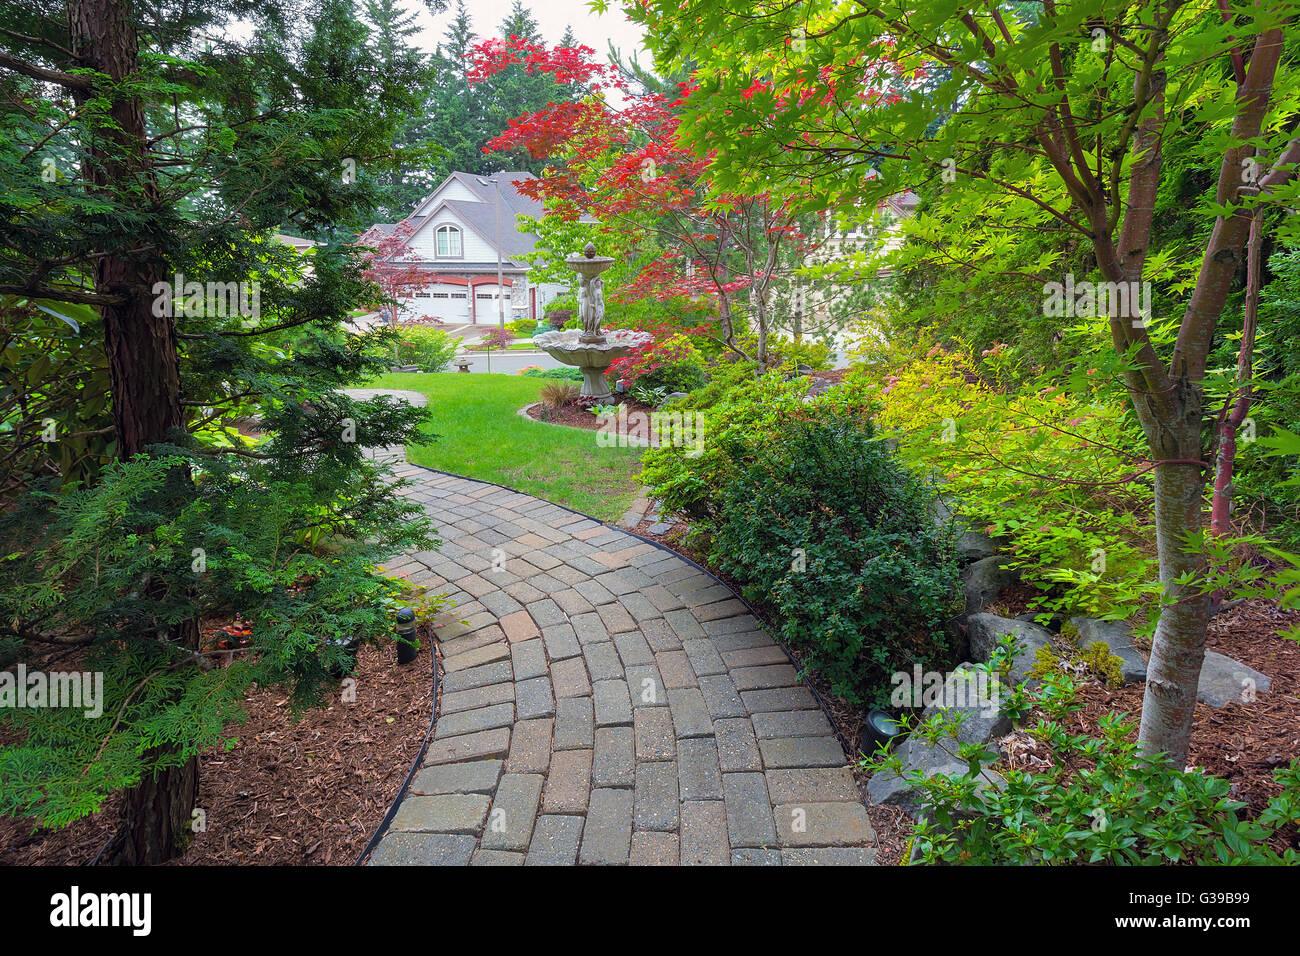 Garten Backstein Fertiger Weg im Vorgarten mit Springbrunnen